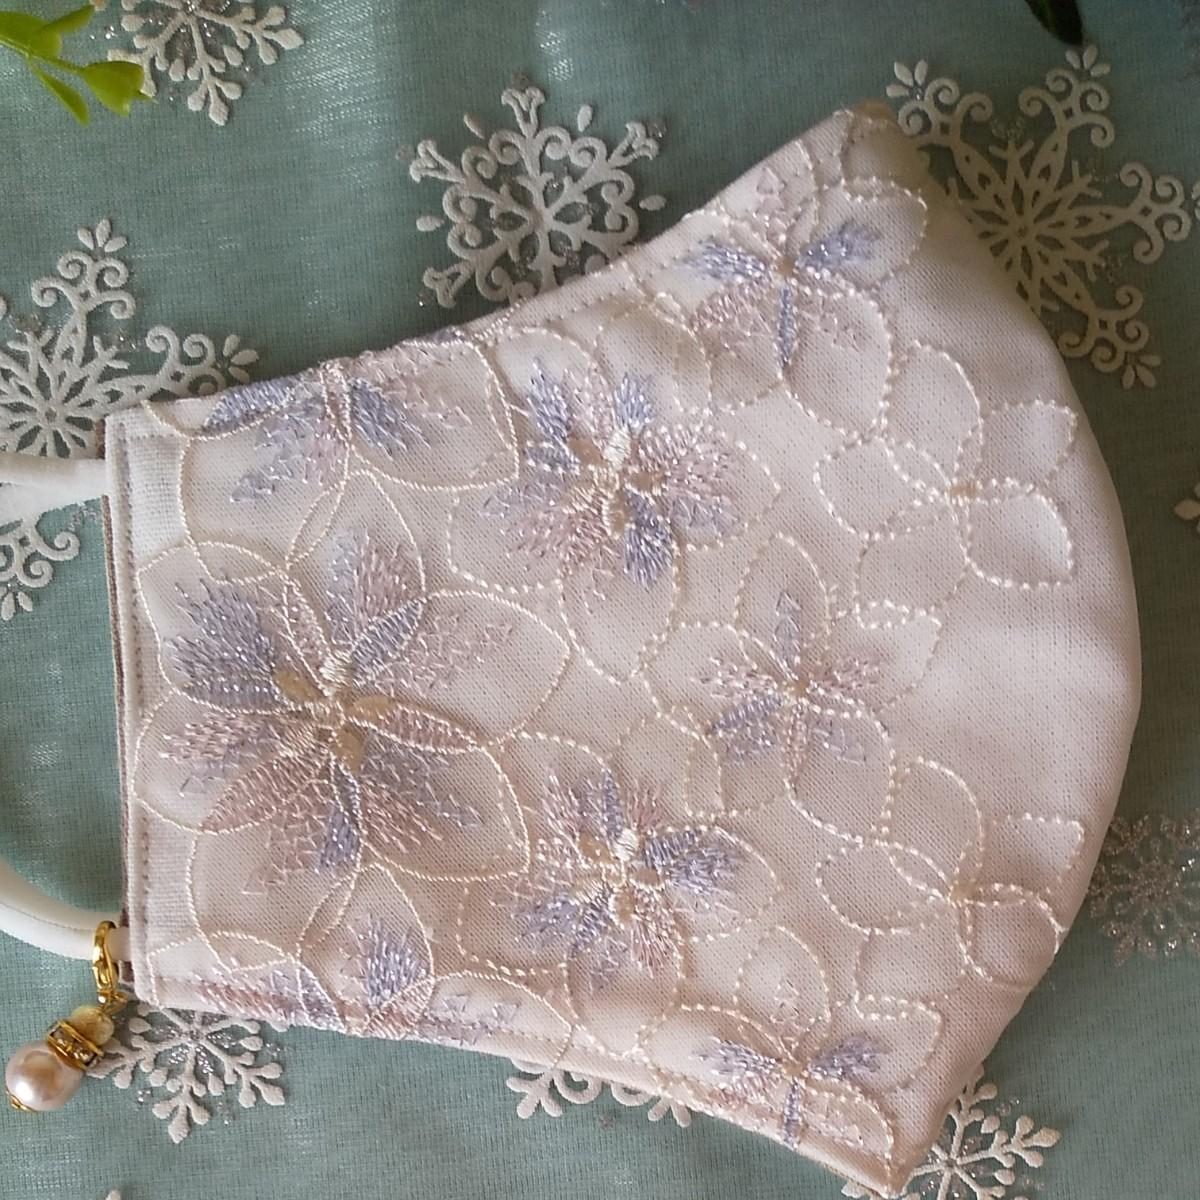 立体インナーハンドメイド、綿ガーゼ、チュール刺繍レース(ラメ、薄ピンク×薄ブルー×ホワイト)大きめサイズ、アジャスター付チャーム付